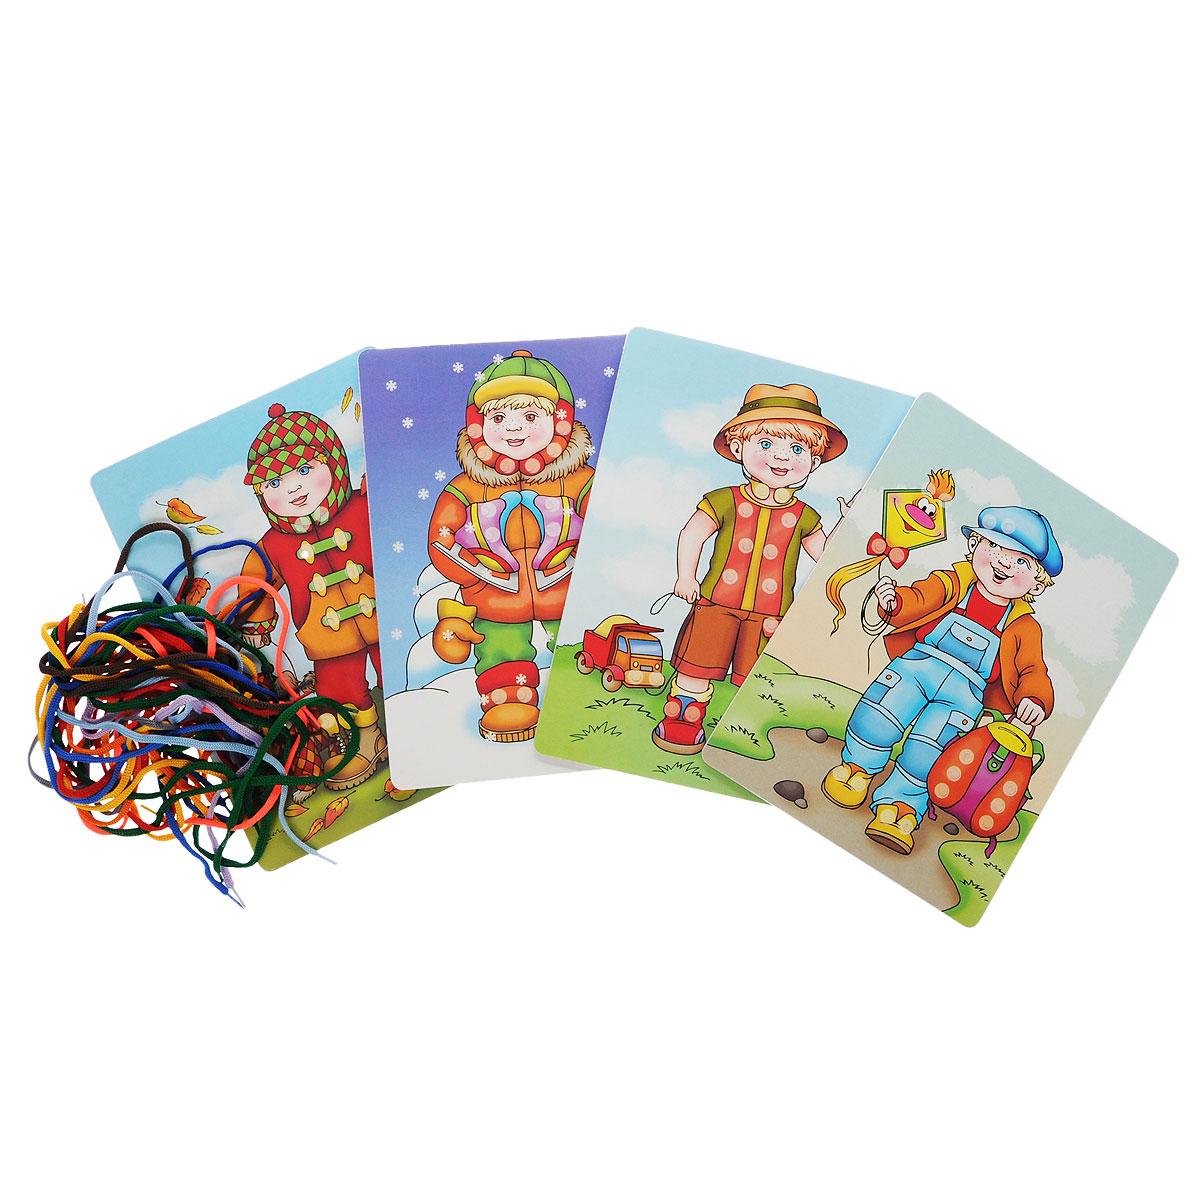 """Шнуровка для мальчиков """"Времена года"""" (набор из 4 карточек и 24 шнурков)"""